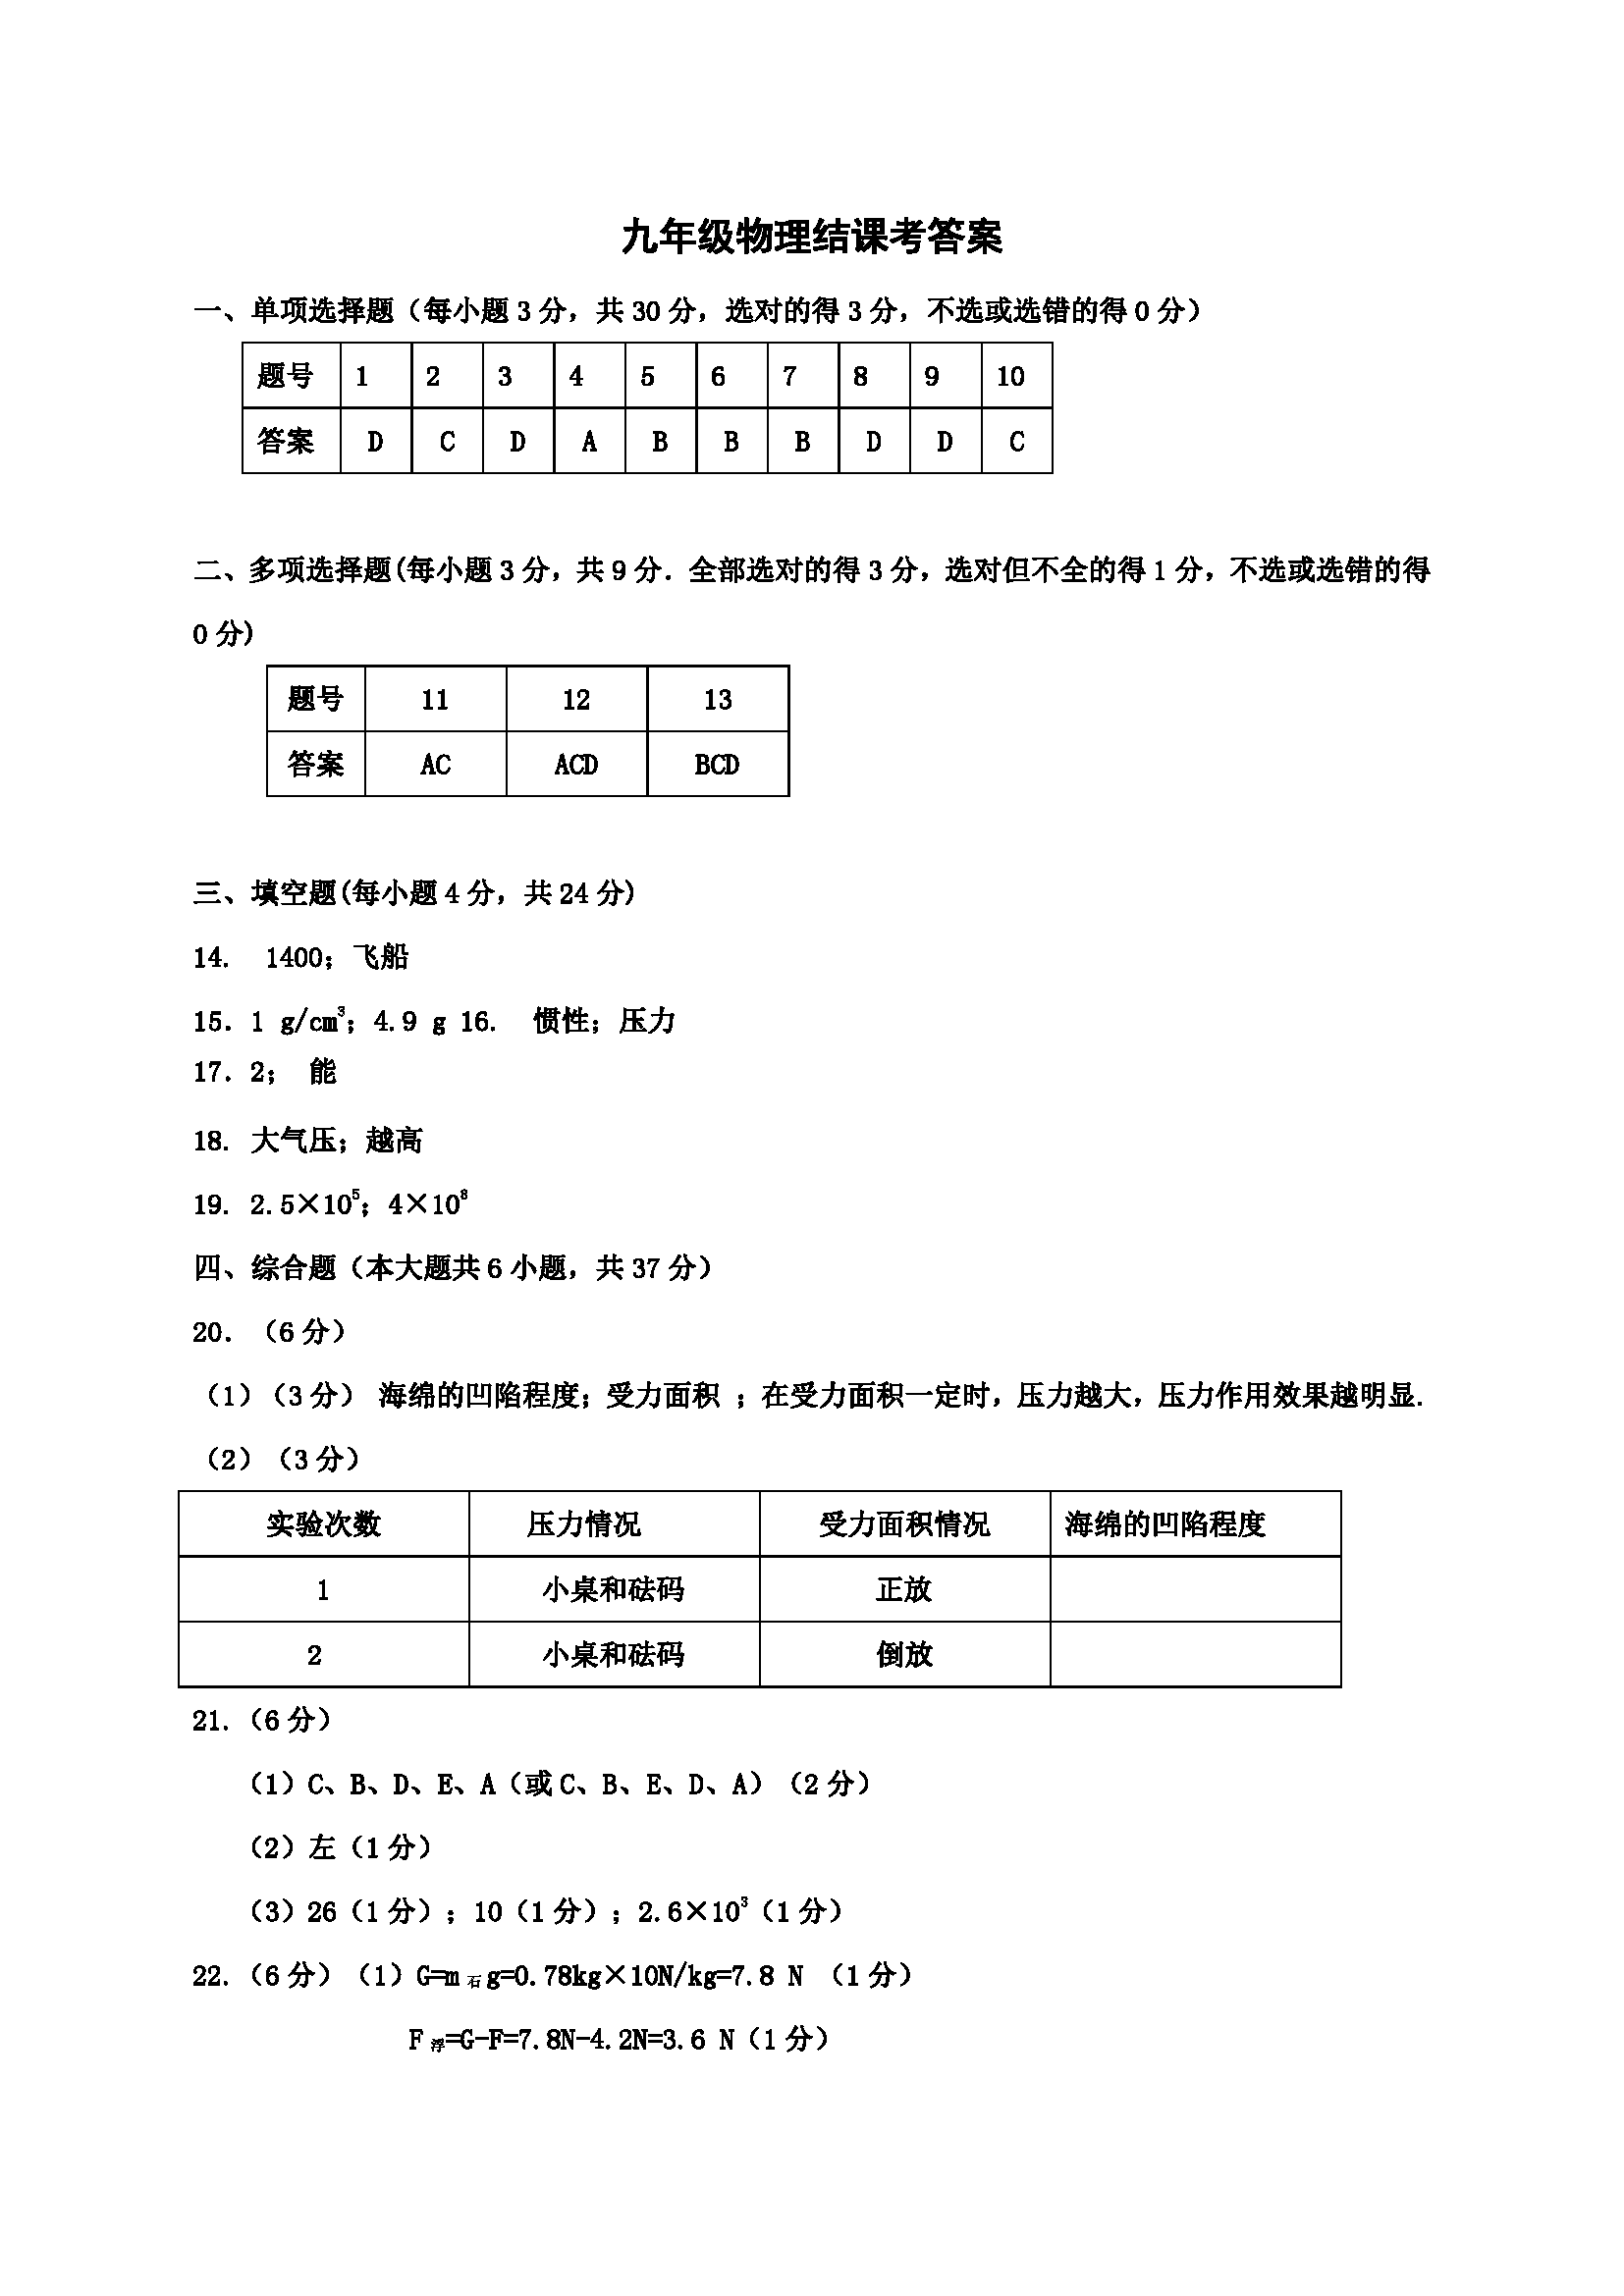 天津红桥2017九年级结课考质量检测物理试题答案(Word版)